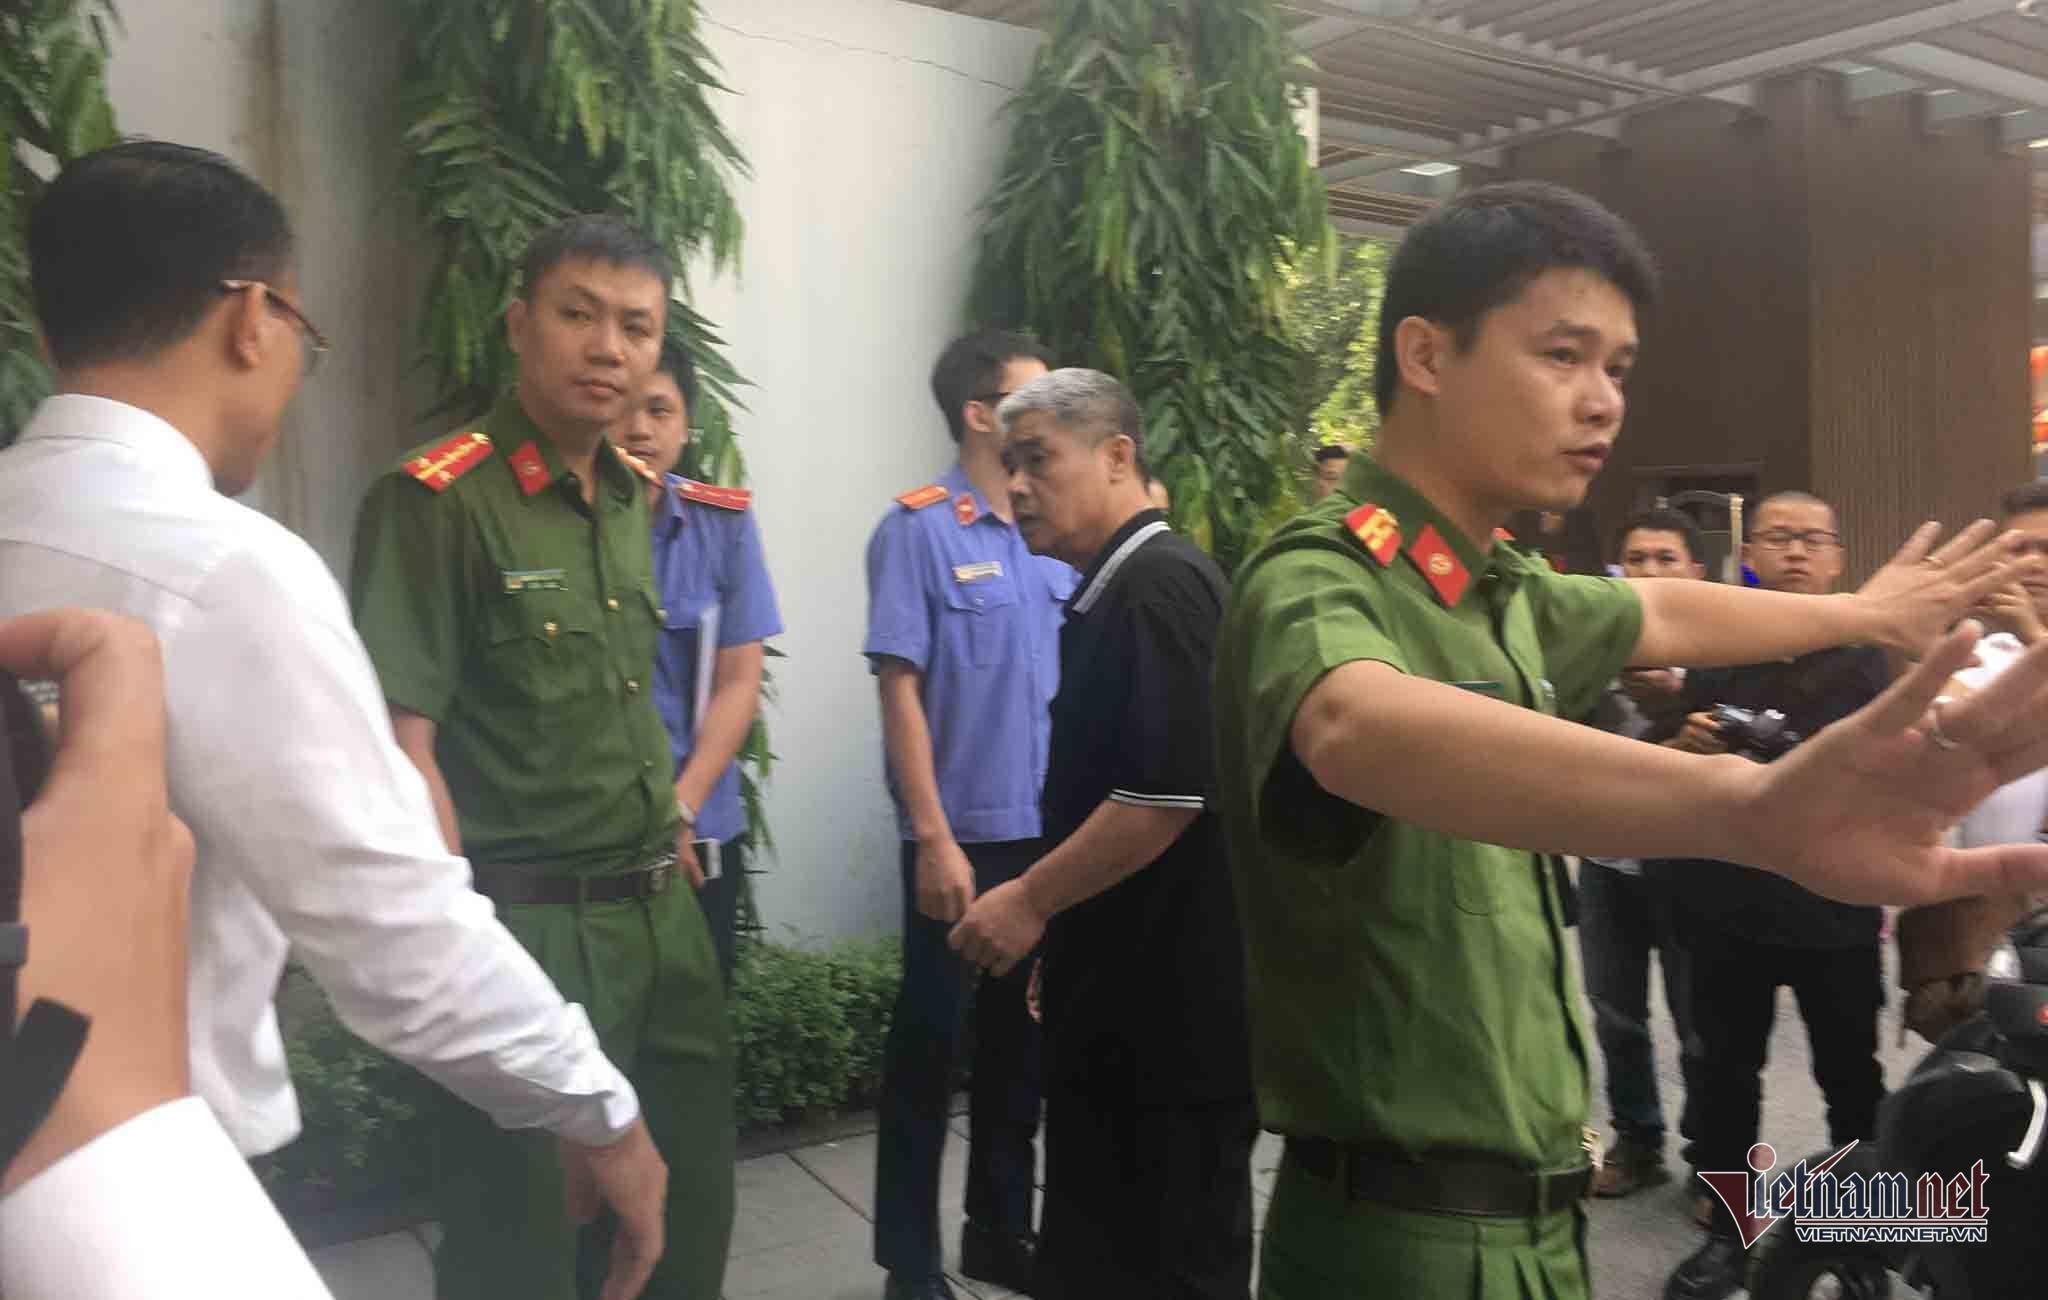 tử vong,Hà Nội,trường quốc tế gateway,bỏ quên bé trên xe